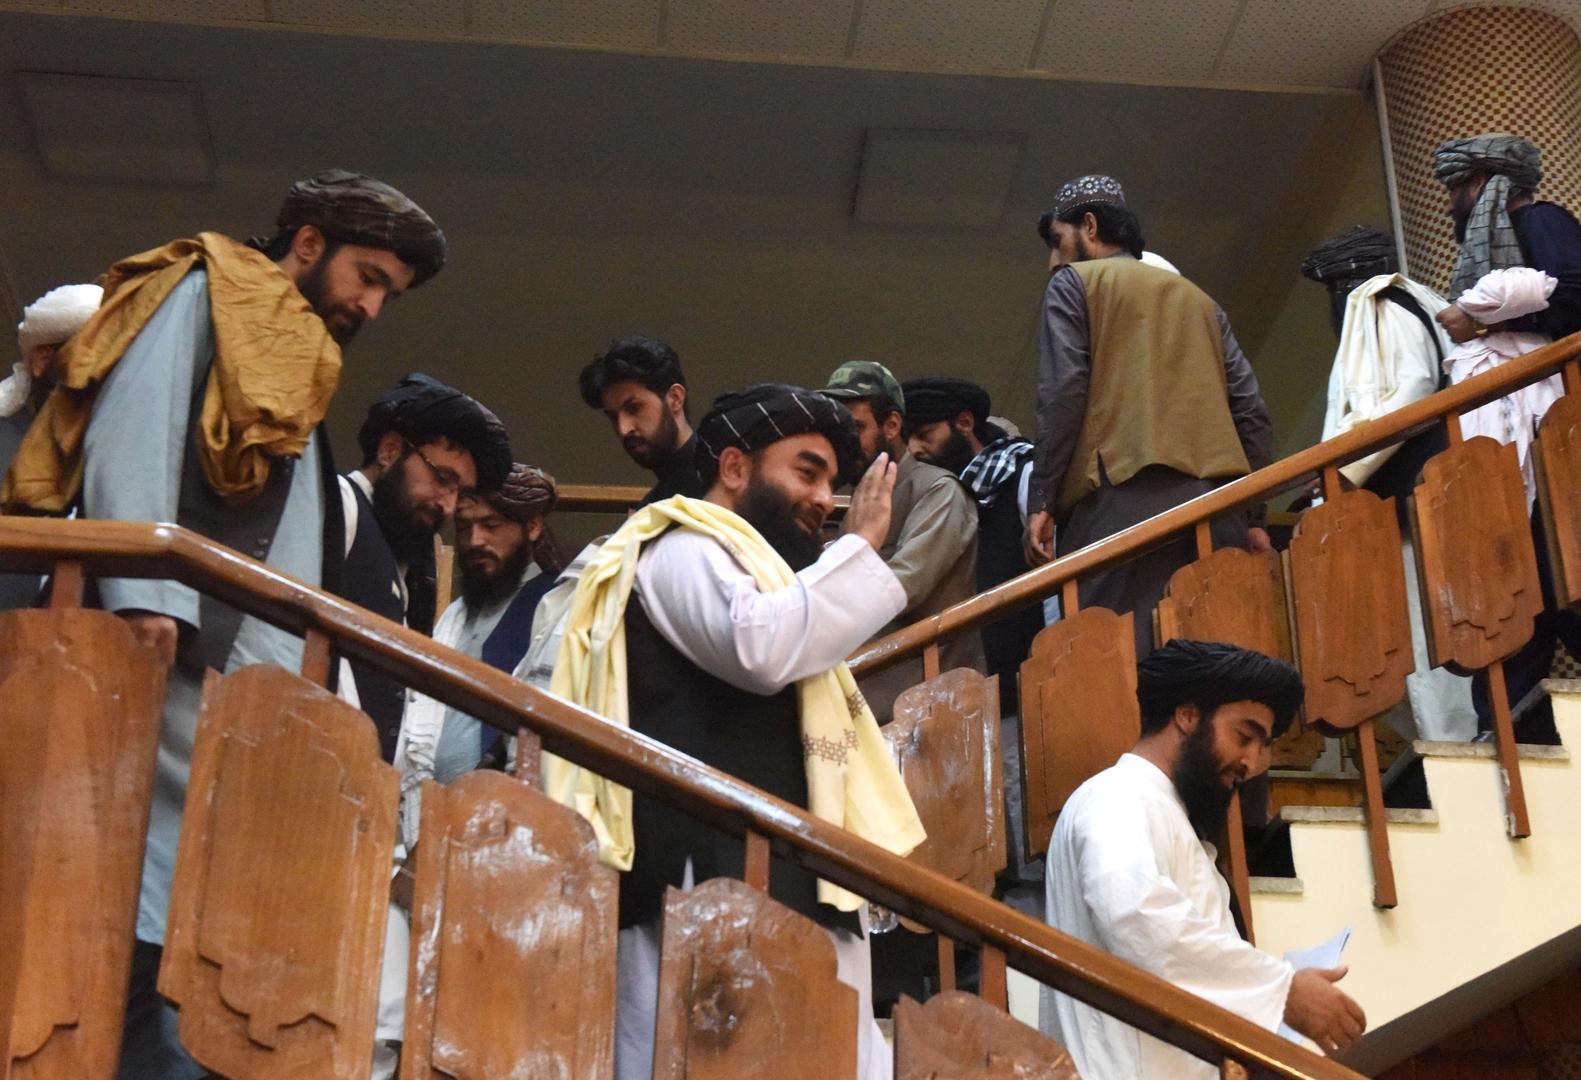 دول مجلس التعاون الخليجي تعرب عن دعمها للشعب الأفغاني